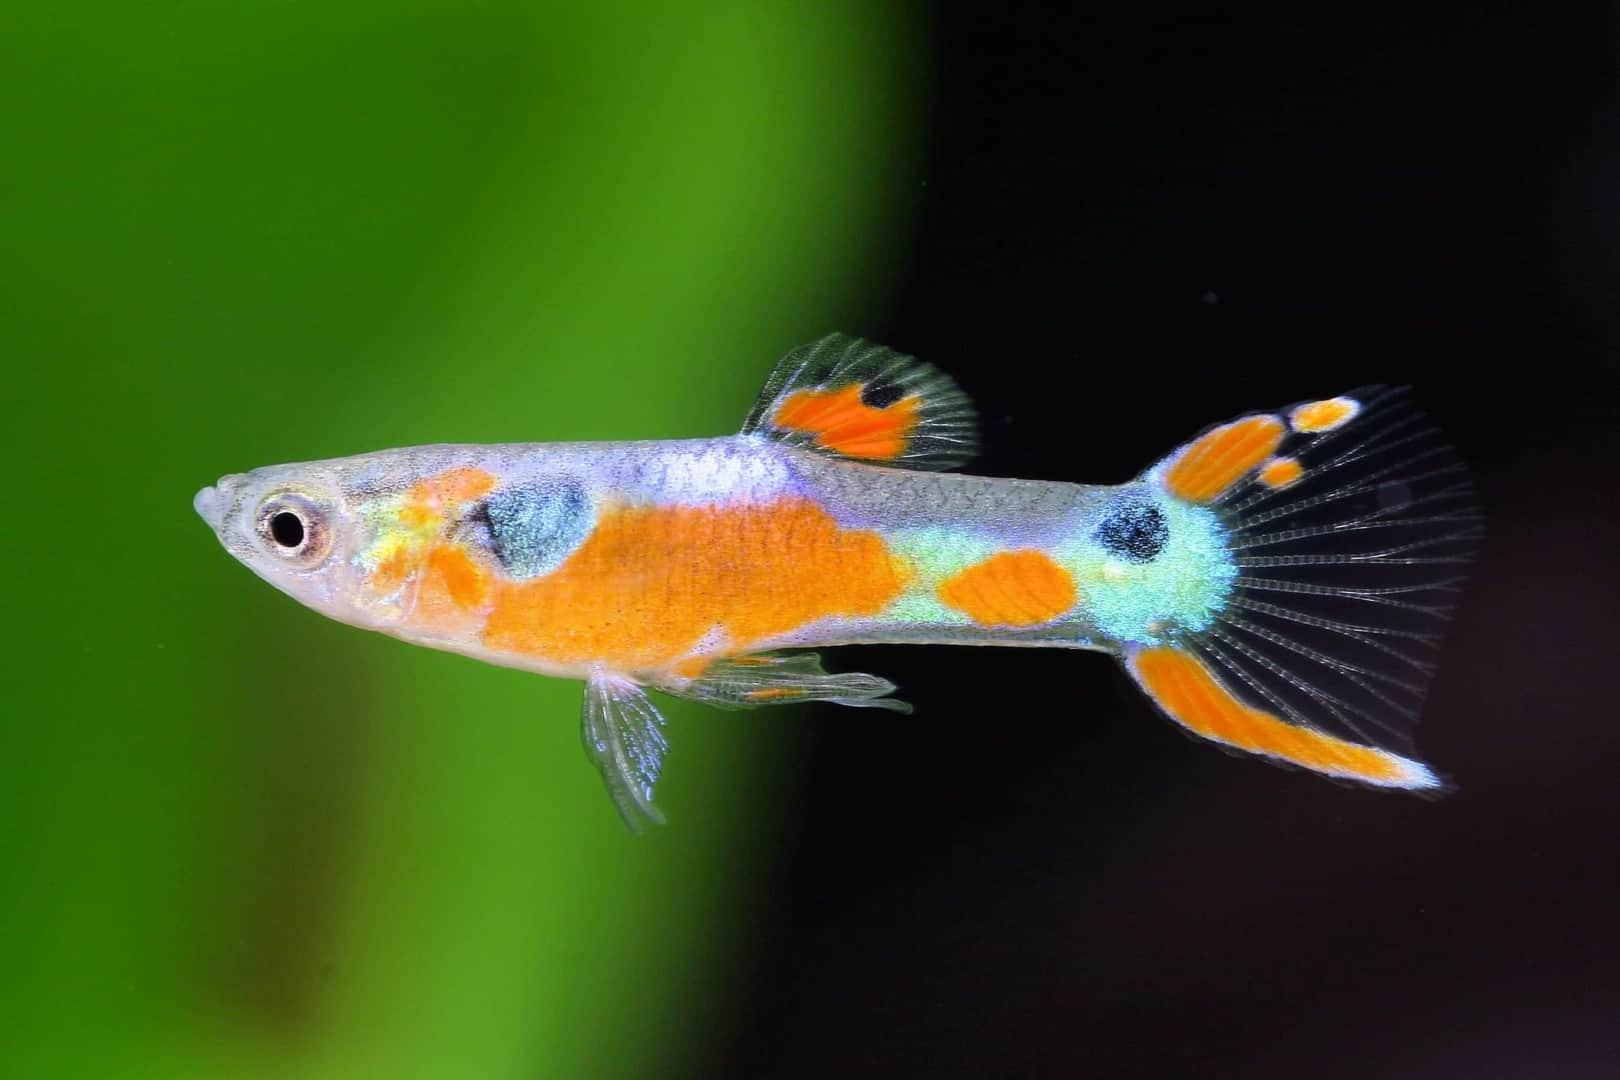 Poecilia reticulata - Guppy 22